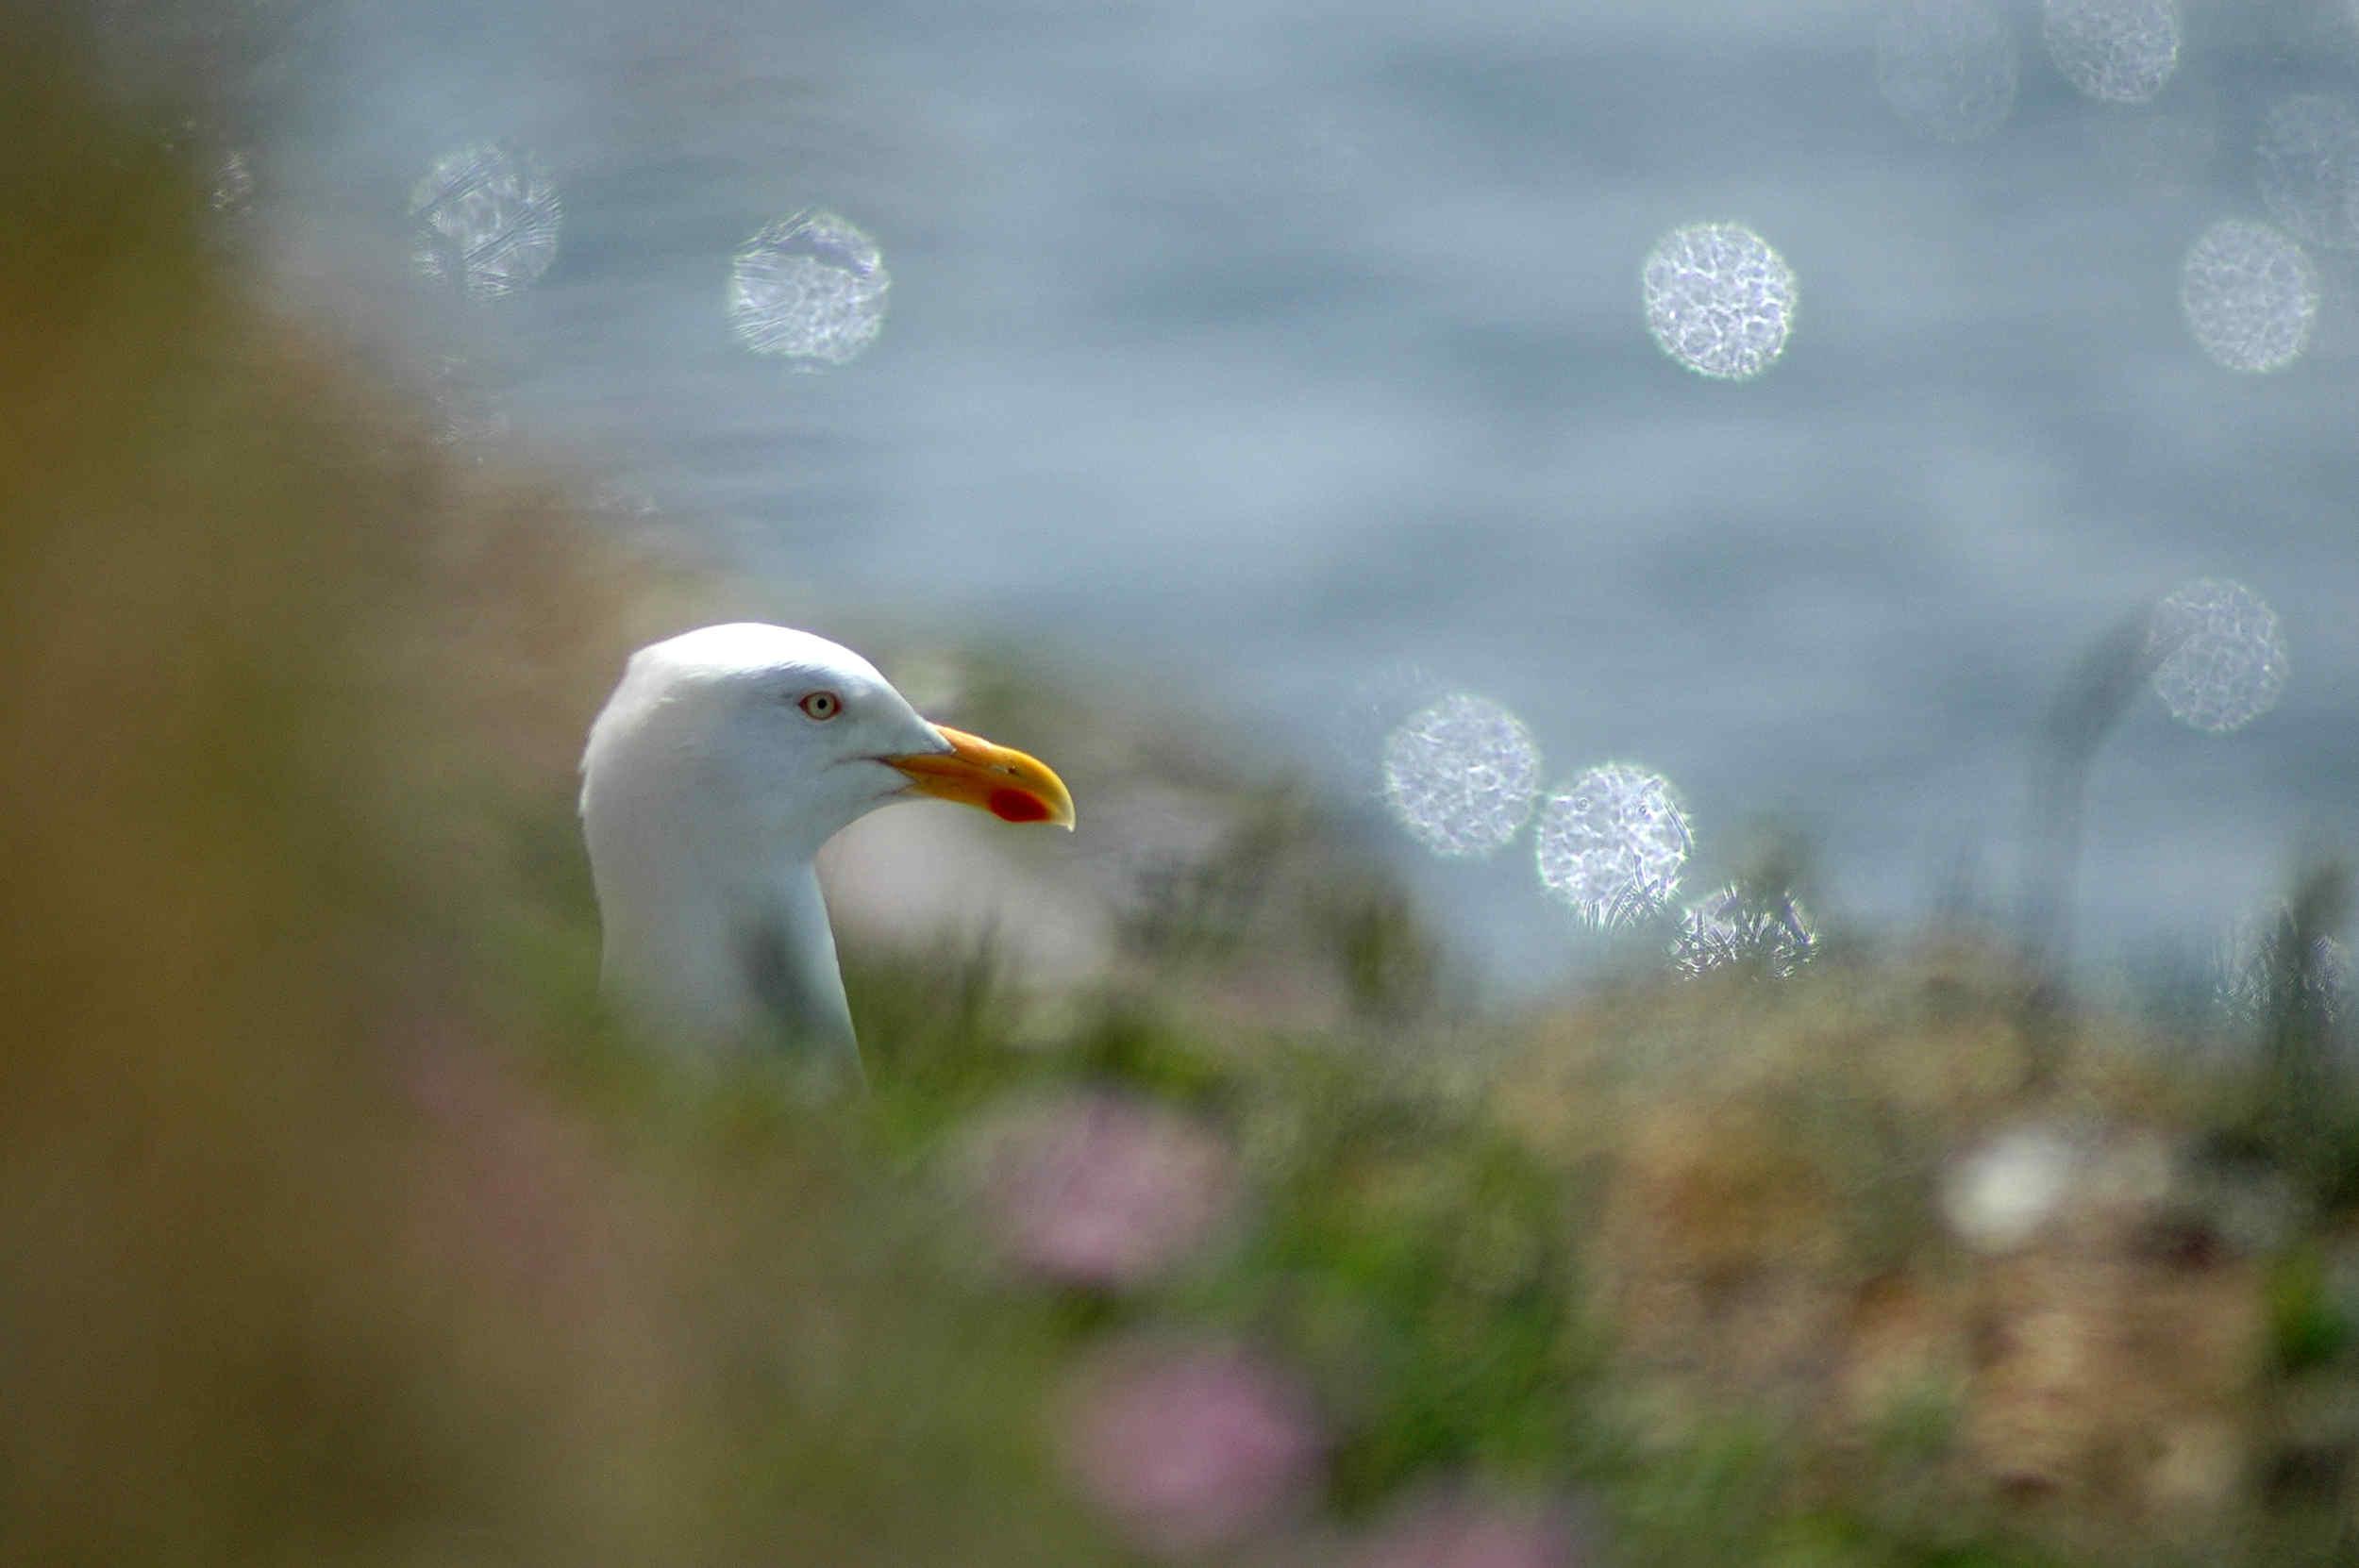 A herring gull